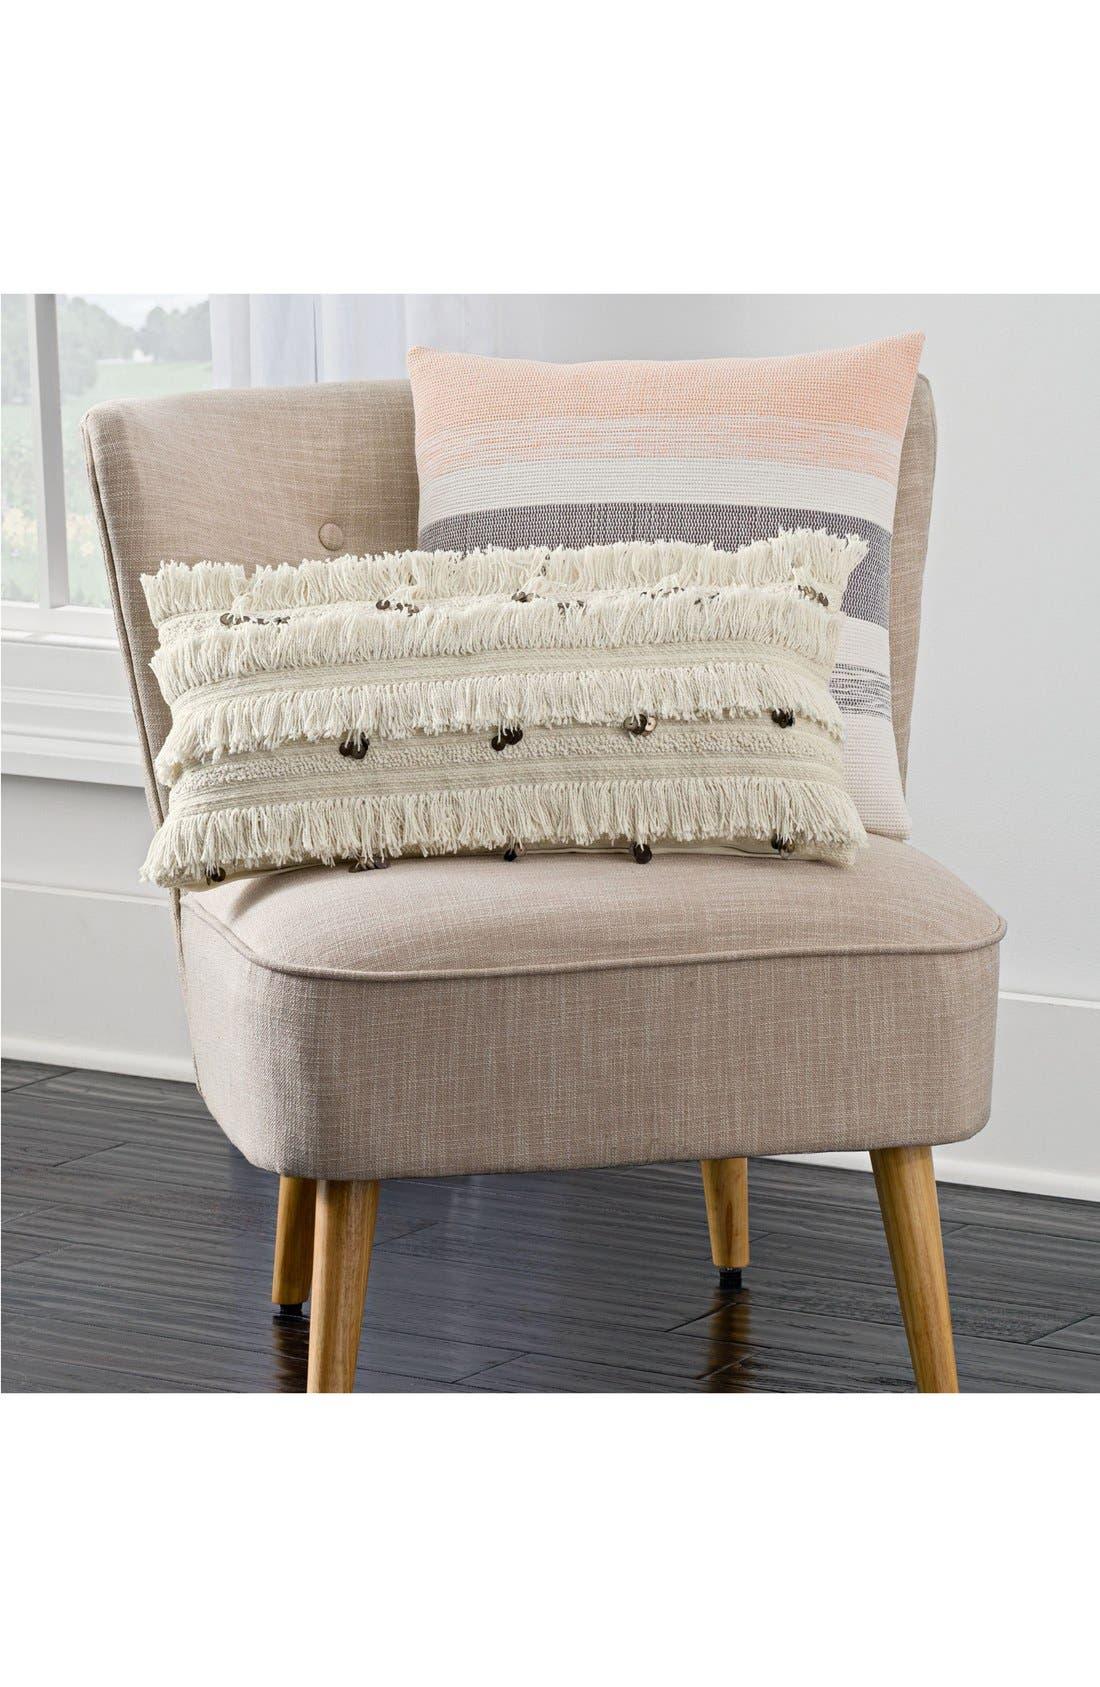 Stripe Accent Pillow,                             Alternate thumbnail 2, color,                             020